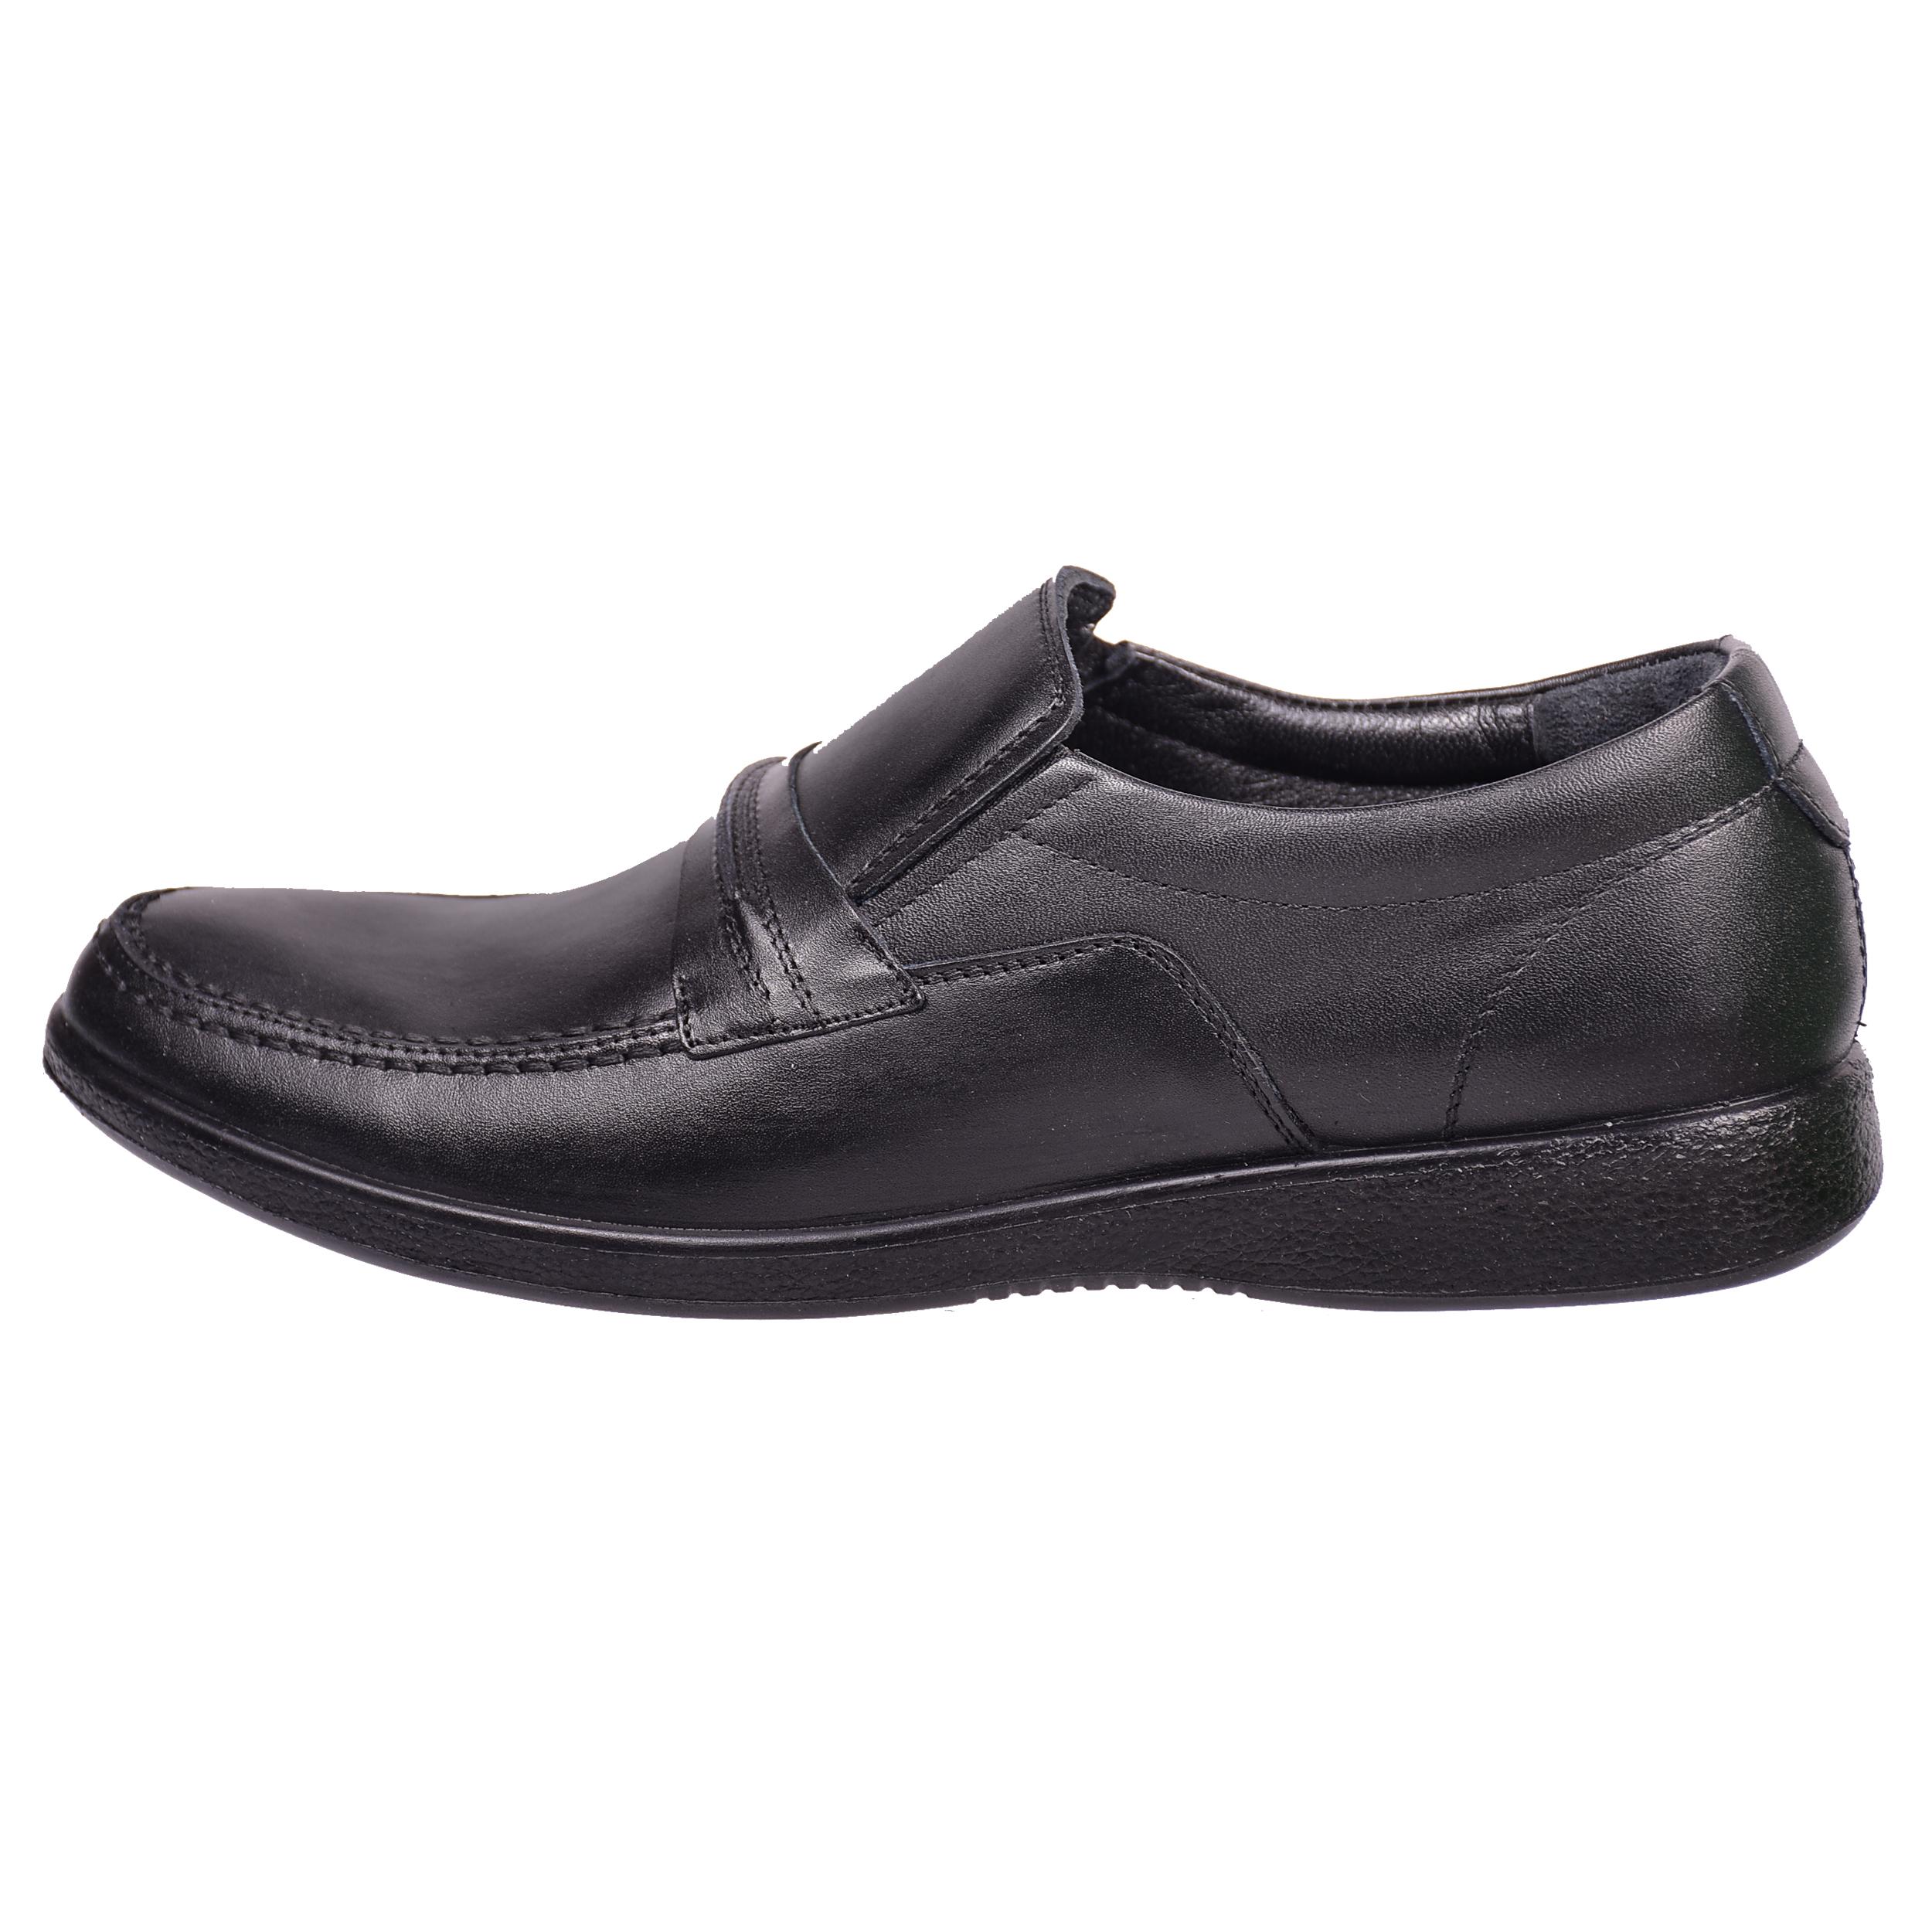 عکس کفش طبی مردانه دکتر فام کد 1602